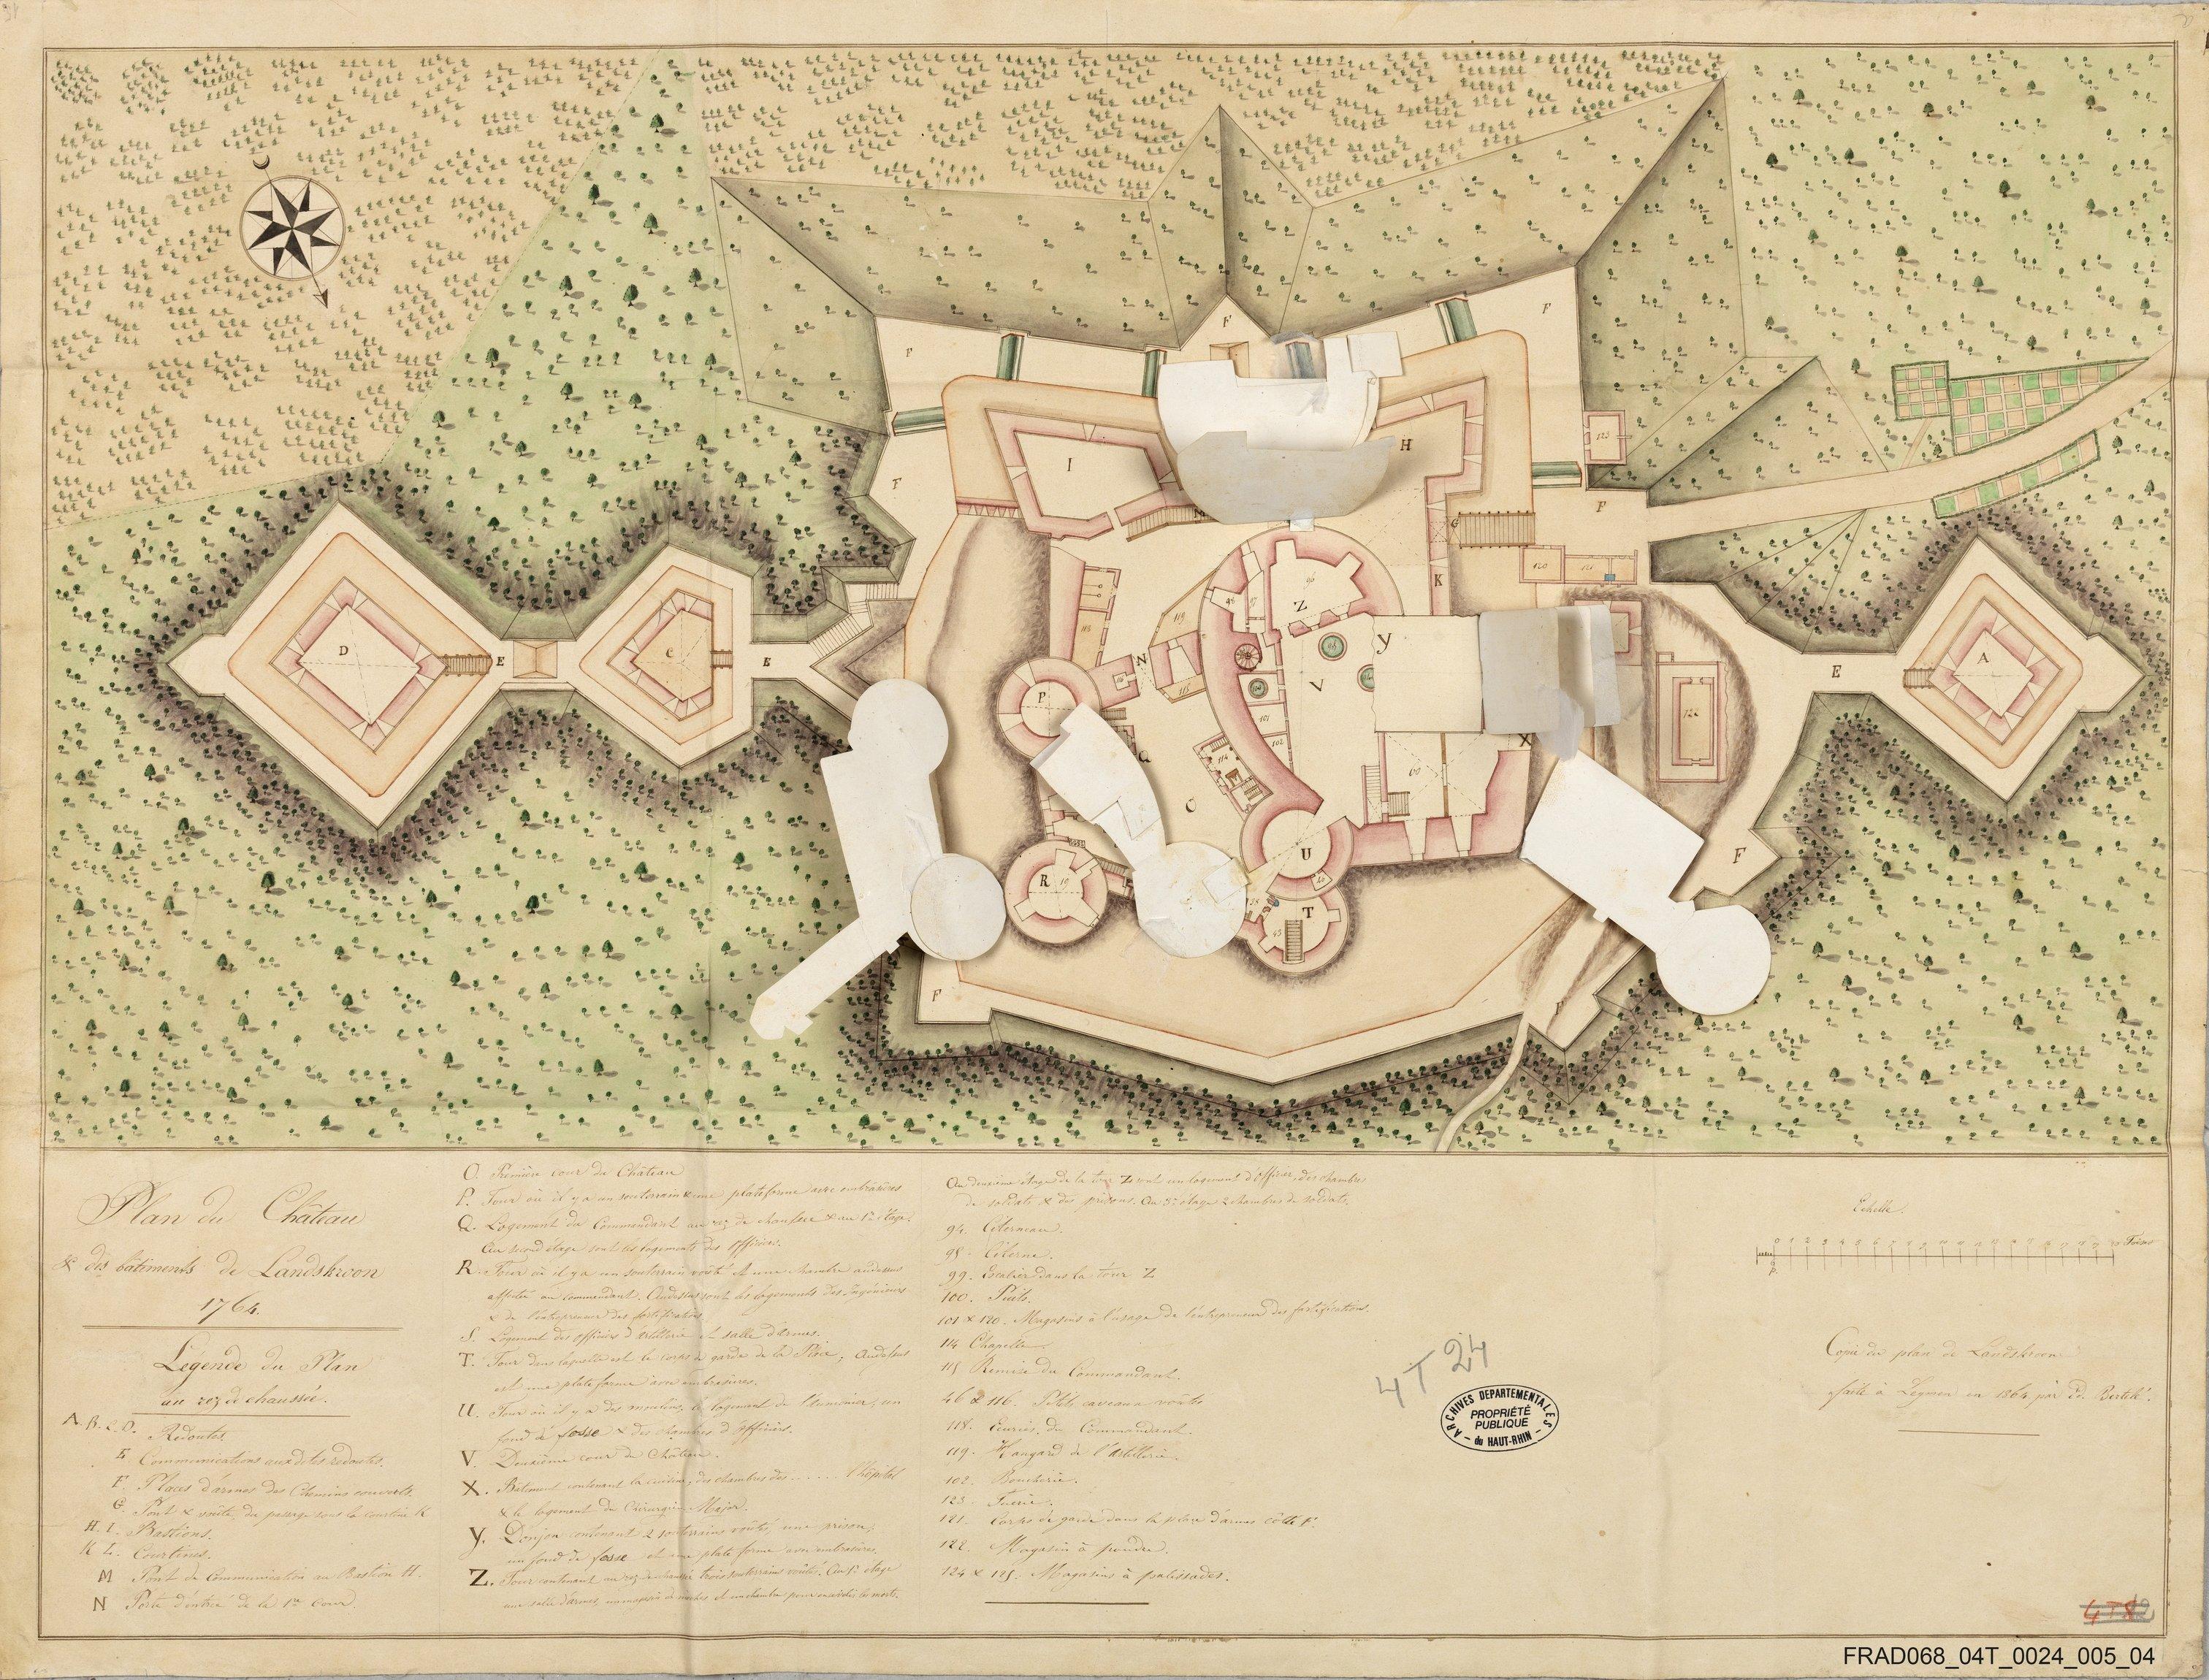 Copie du plan du Landskron faite à Leymen en 1864 par Bertelé. Archives départementales du Haut-Rhin.